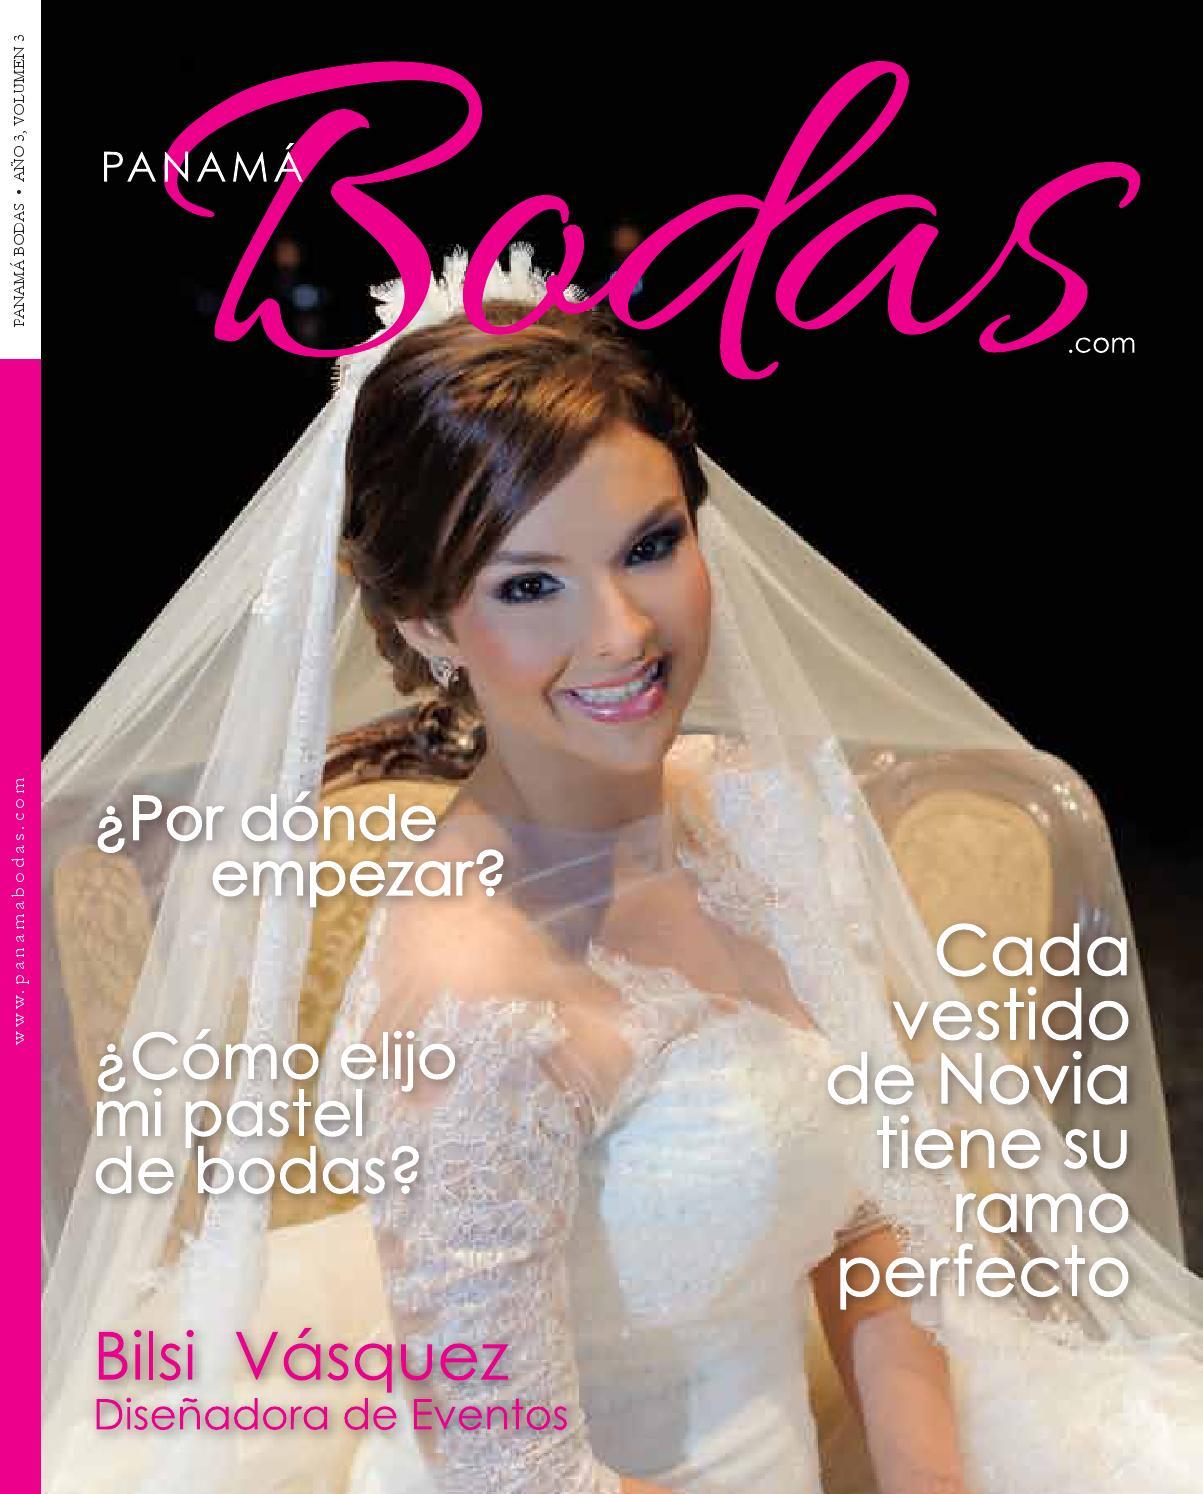 790b87ba8 Revista Panamá Bodas 1era edición by Panama Bodas - issuu